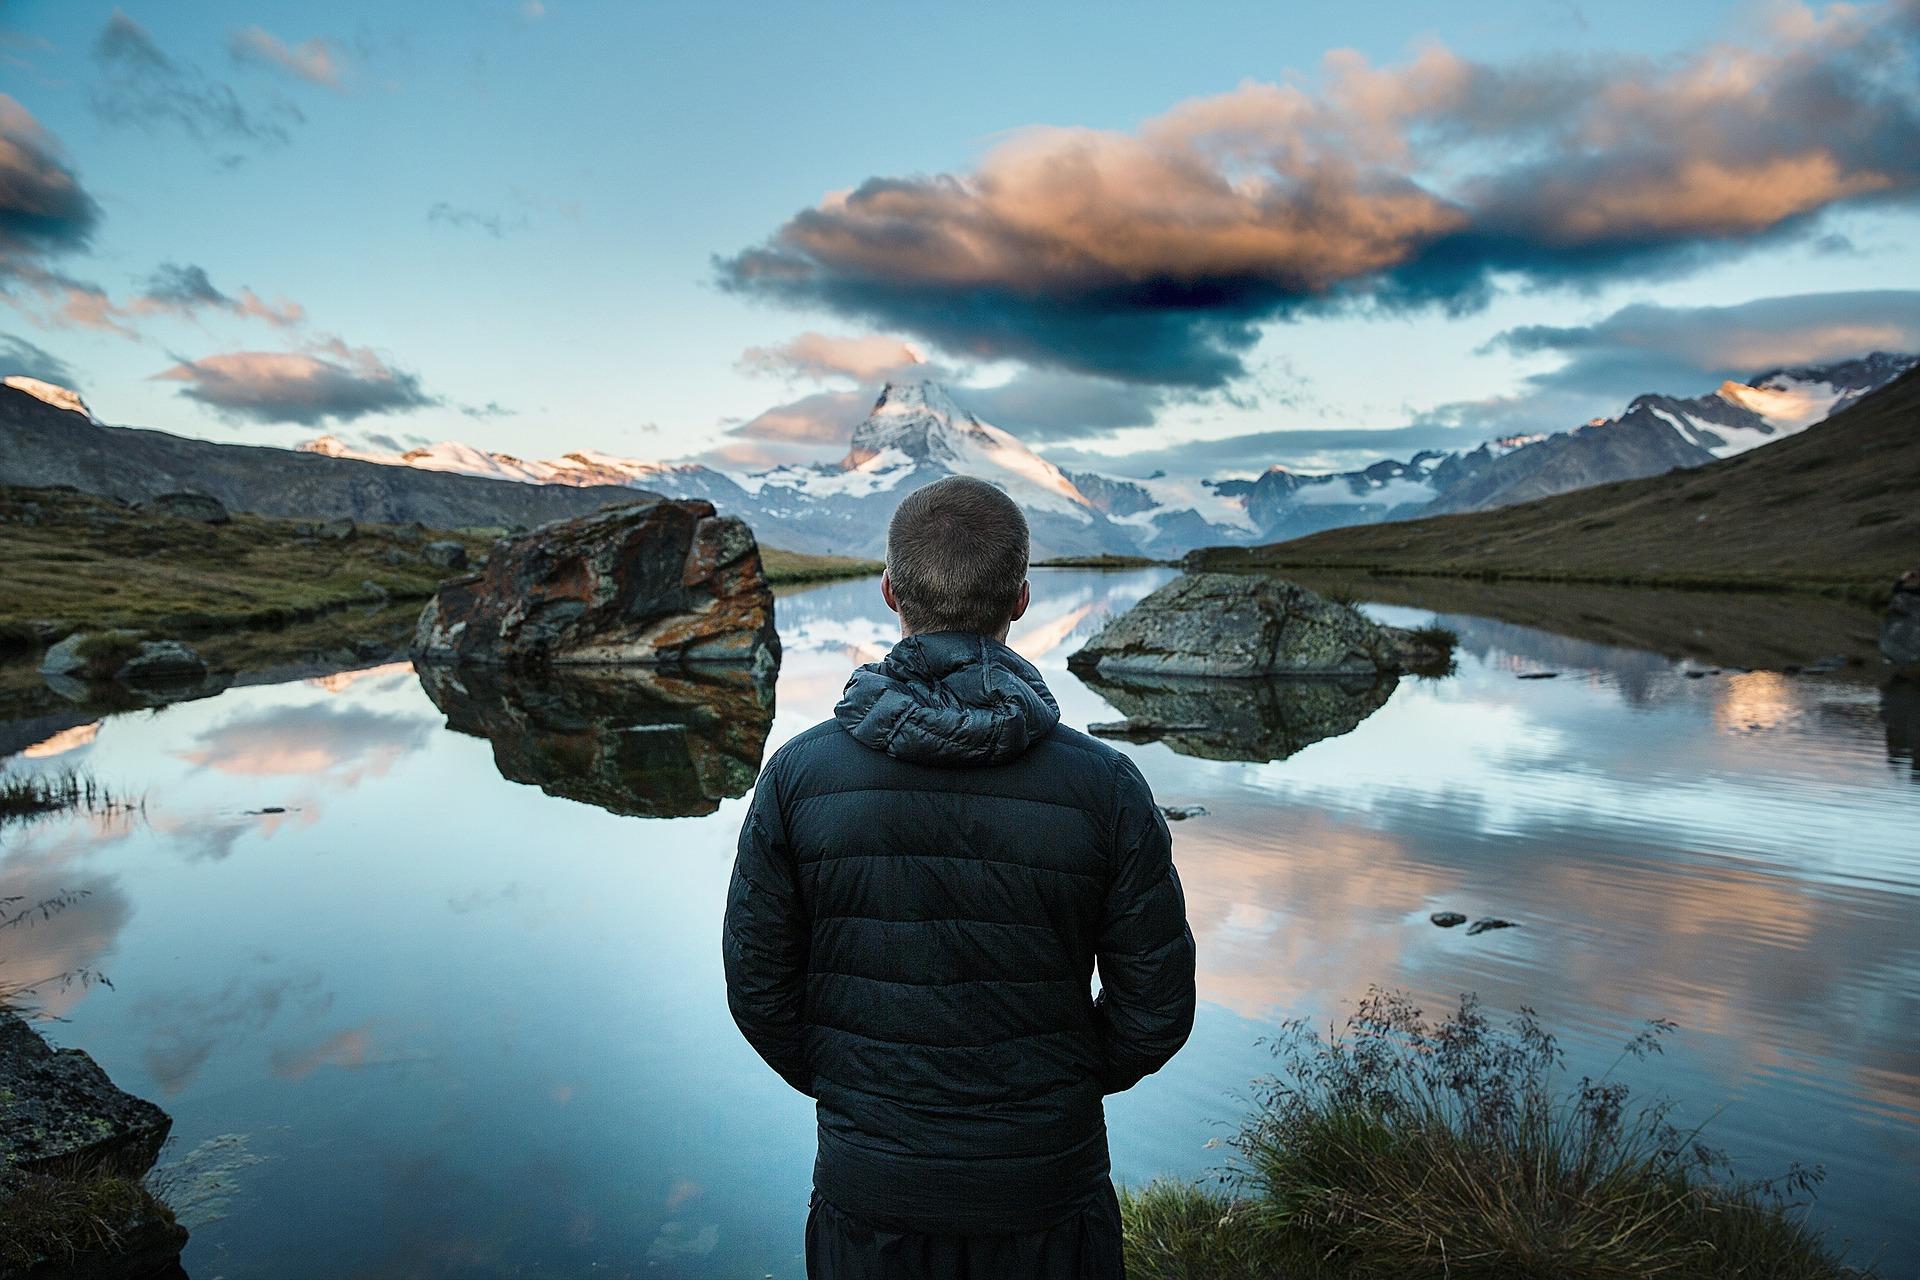 mountain-lake-931726_1920.jpg